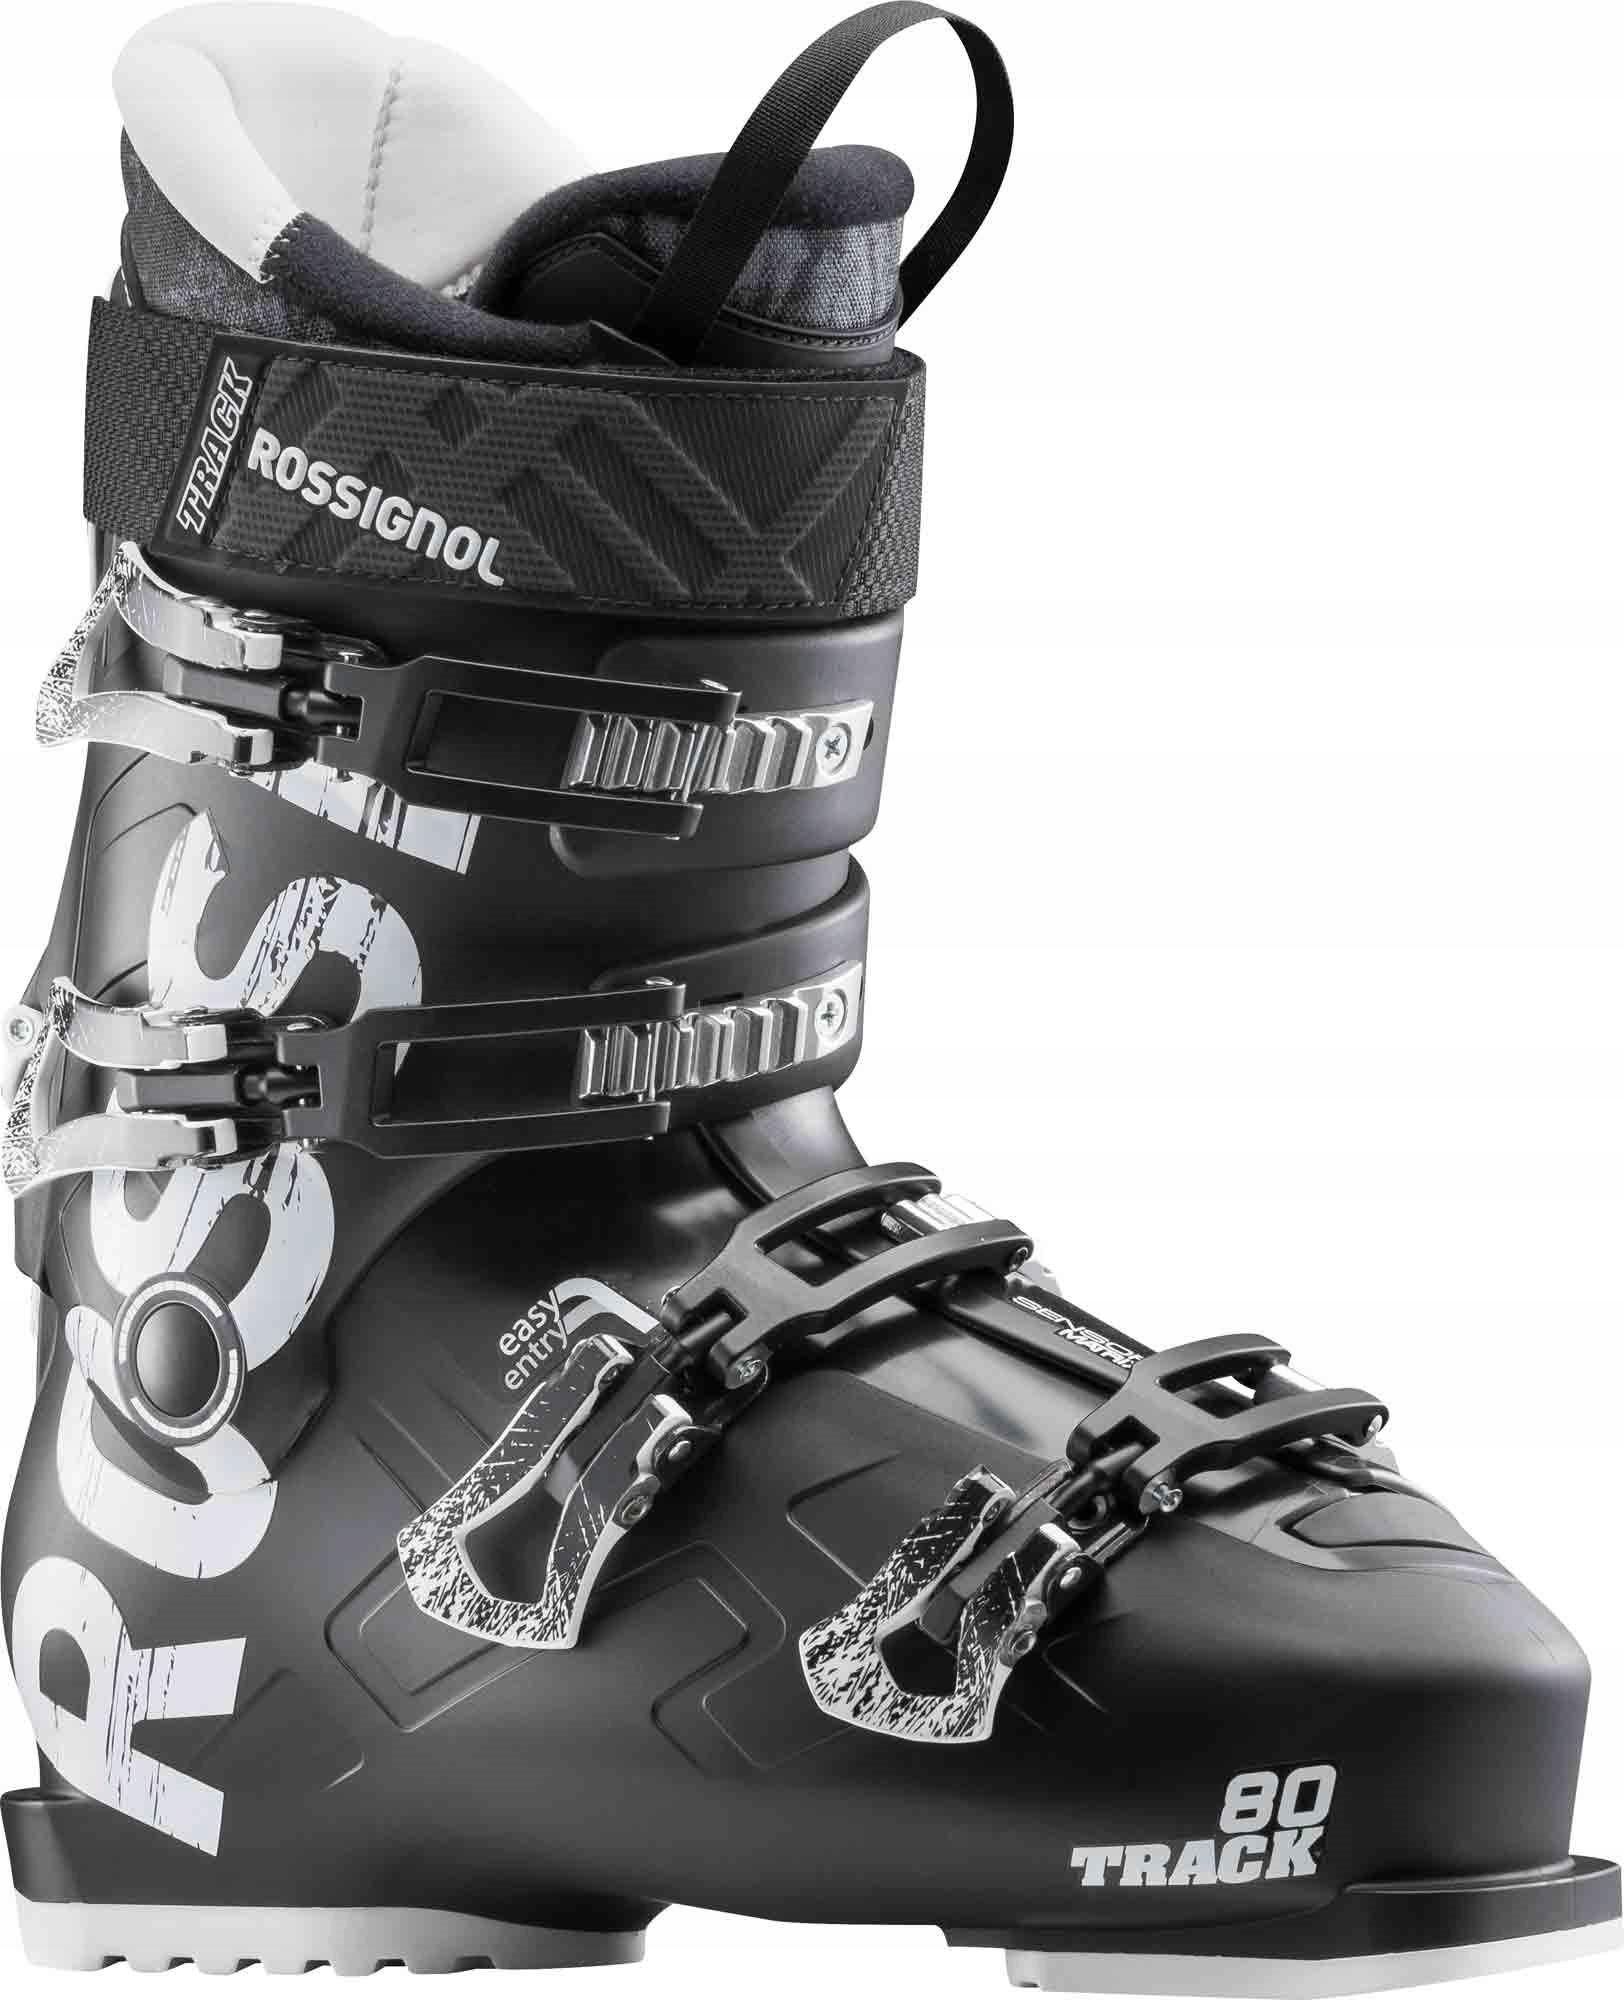 Buty narciarskie w Buty narciarskie Zjazdowe Allegro.pl